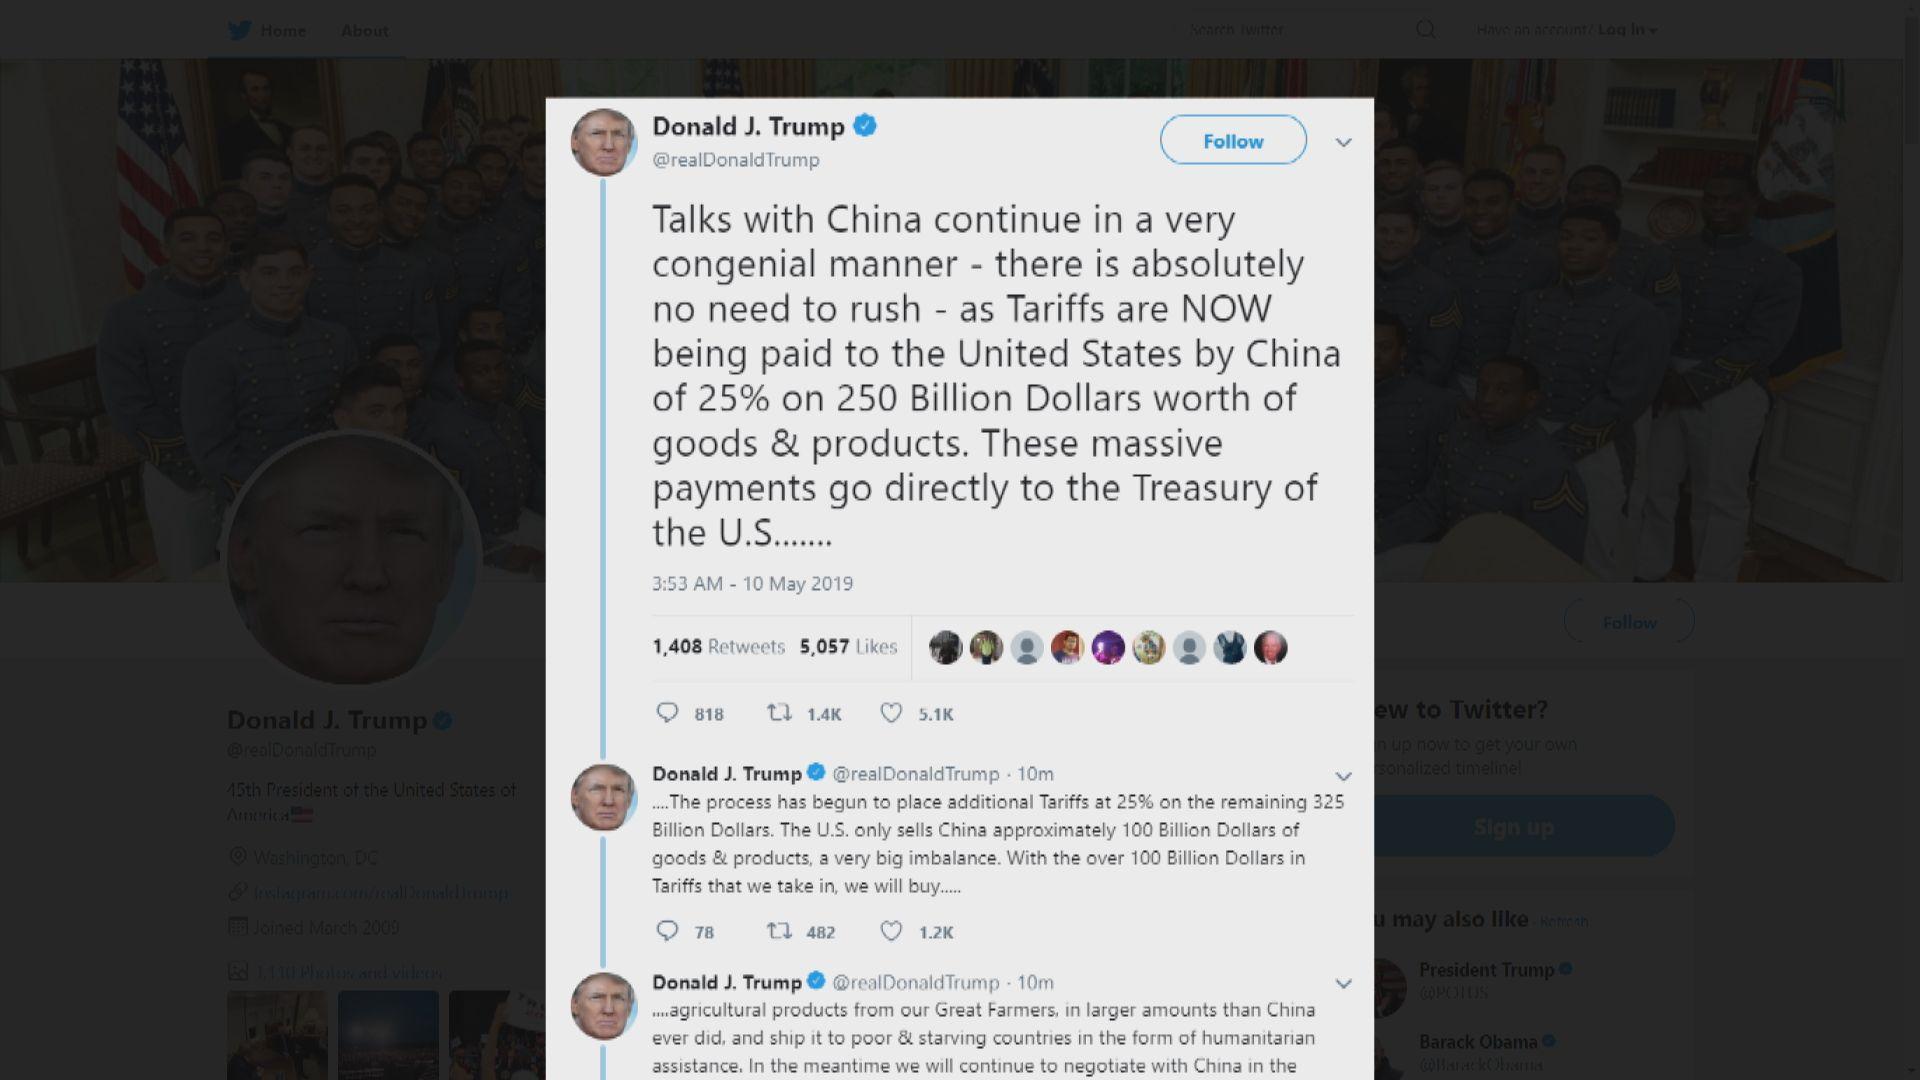 特朗普:若中國不反口 兩國會繼續談判